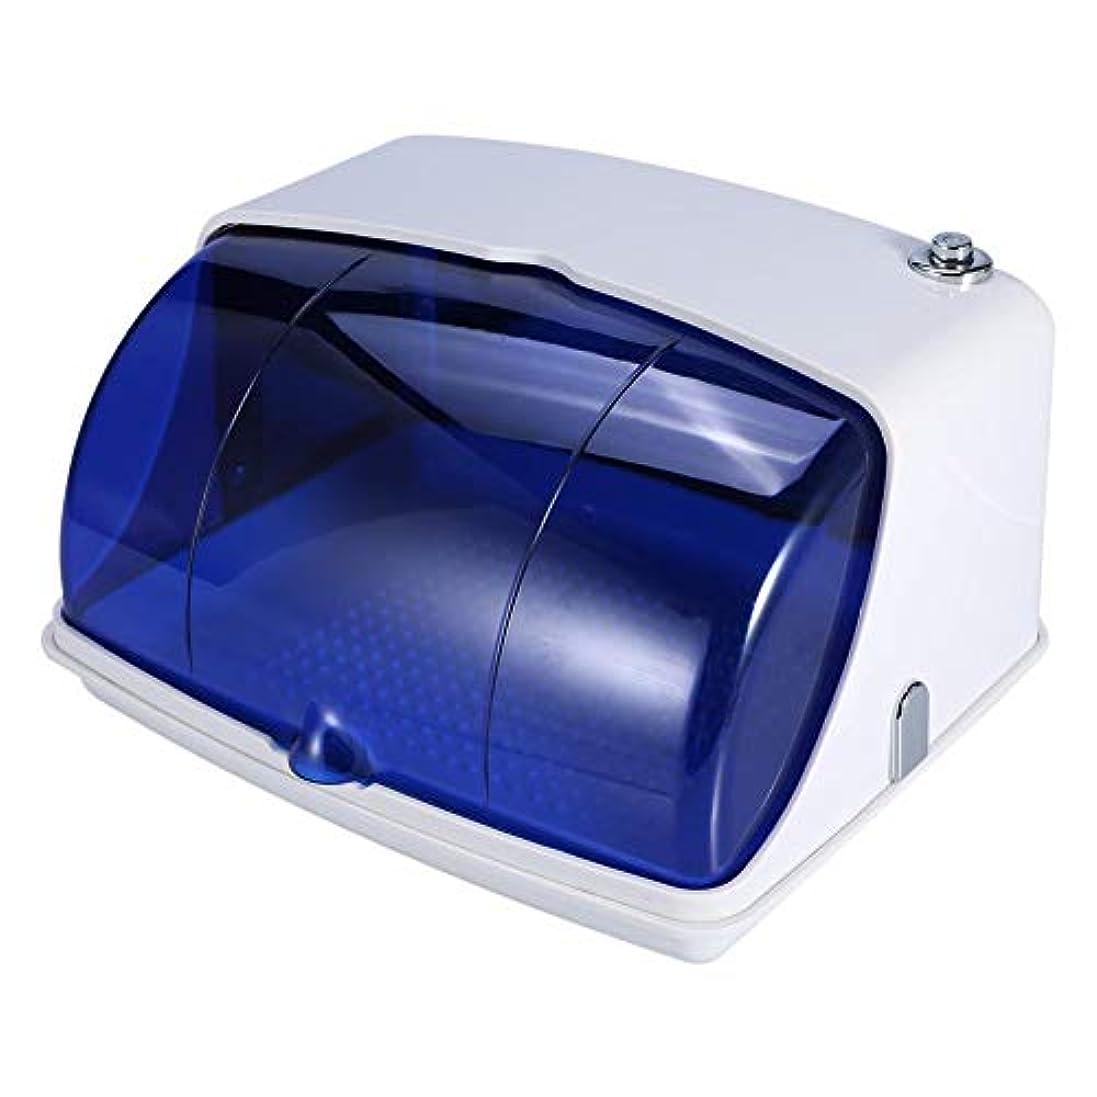 生物学結果として葡萄サロン紫外線滅菌キャビネット プロフェッショナル紫外線 消毒滅菌 温度殺菌機 美容ネイルタトゥーツール(USプラグ)